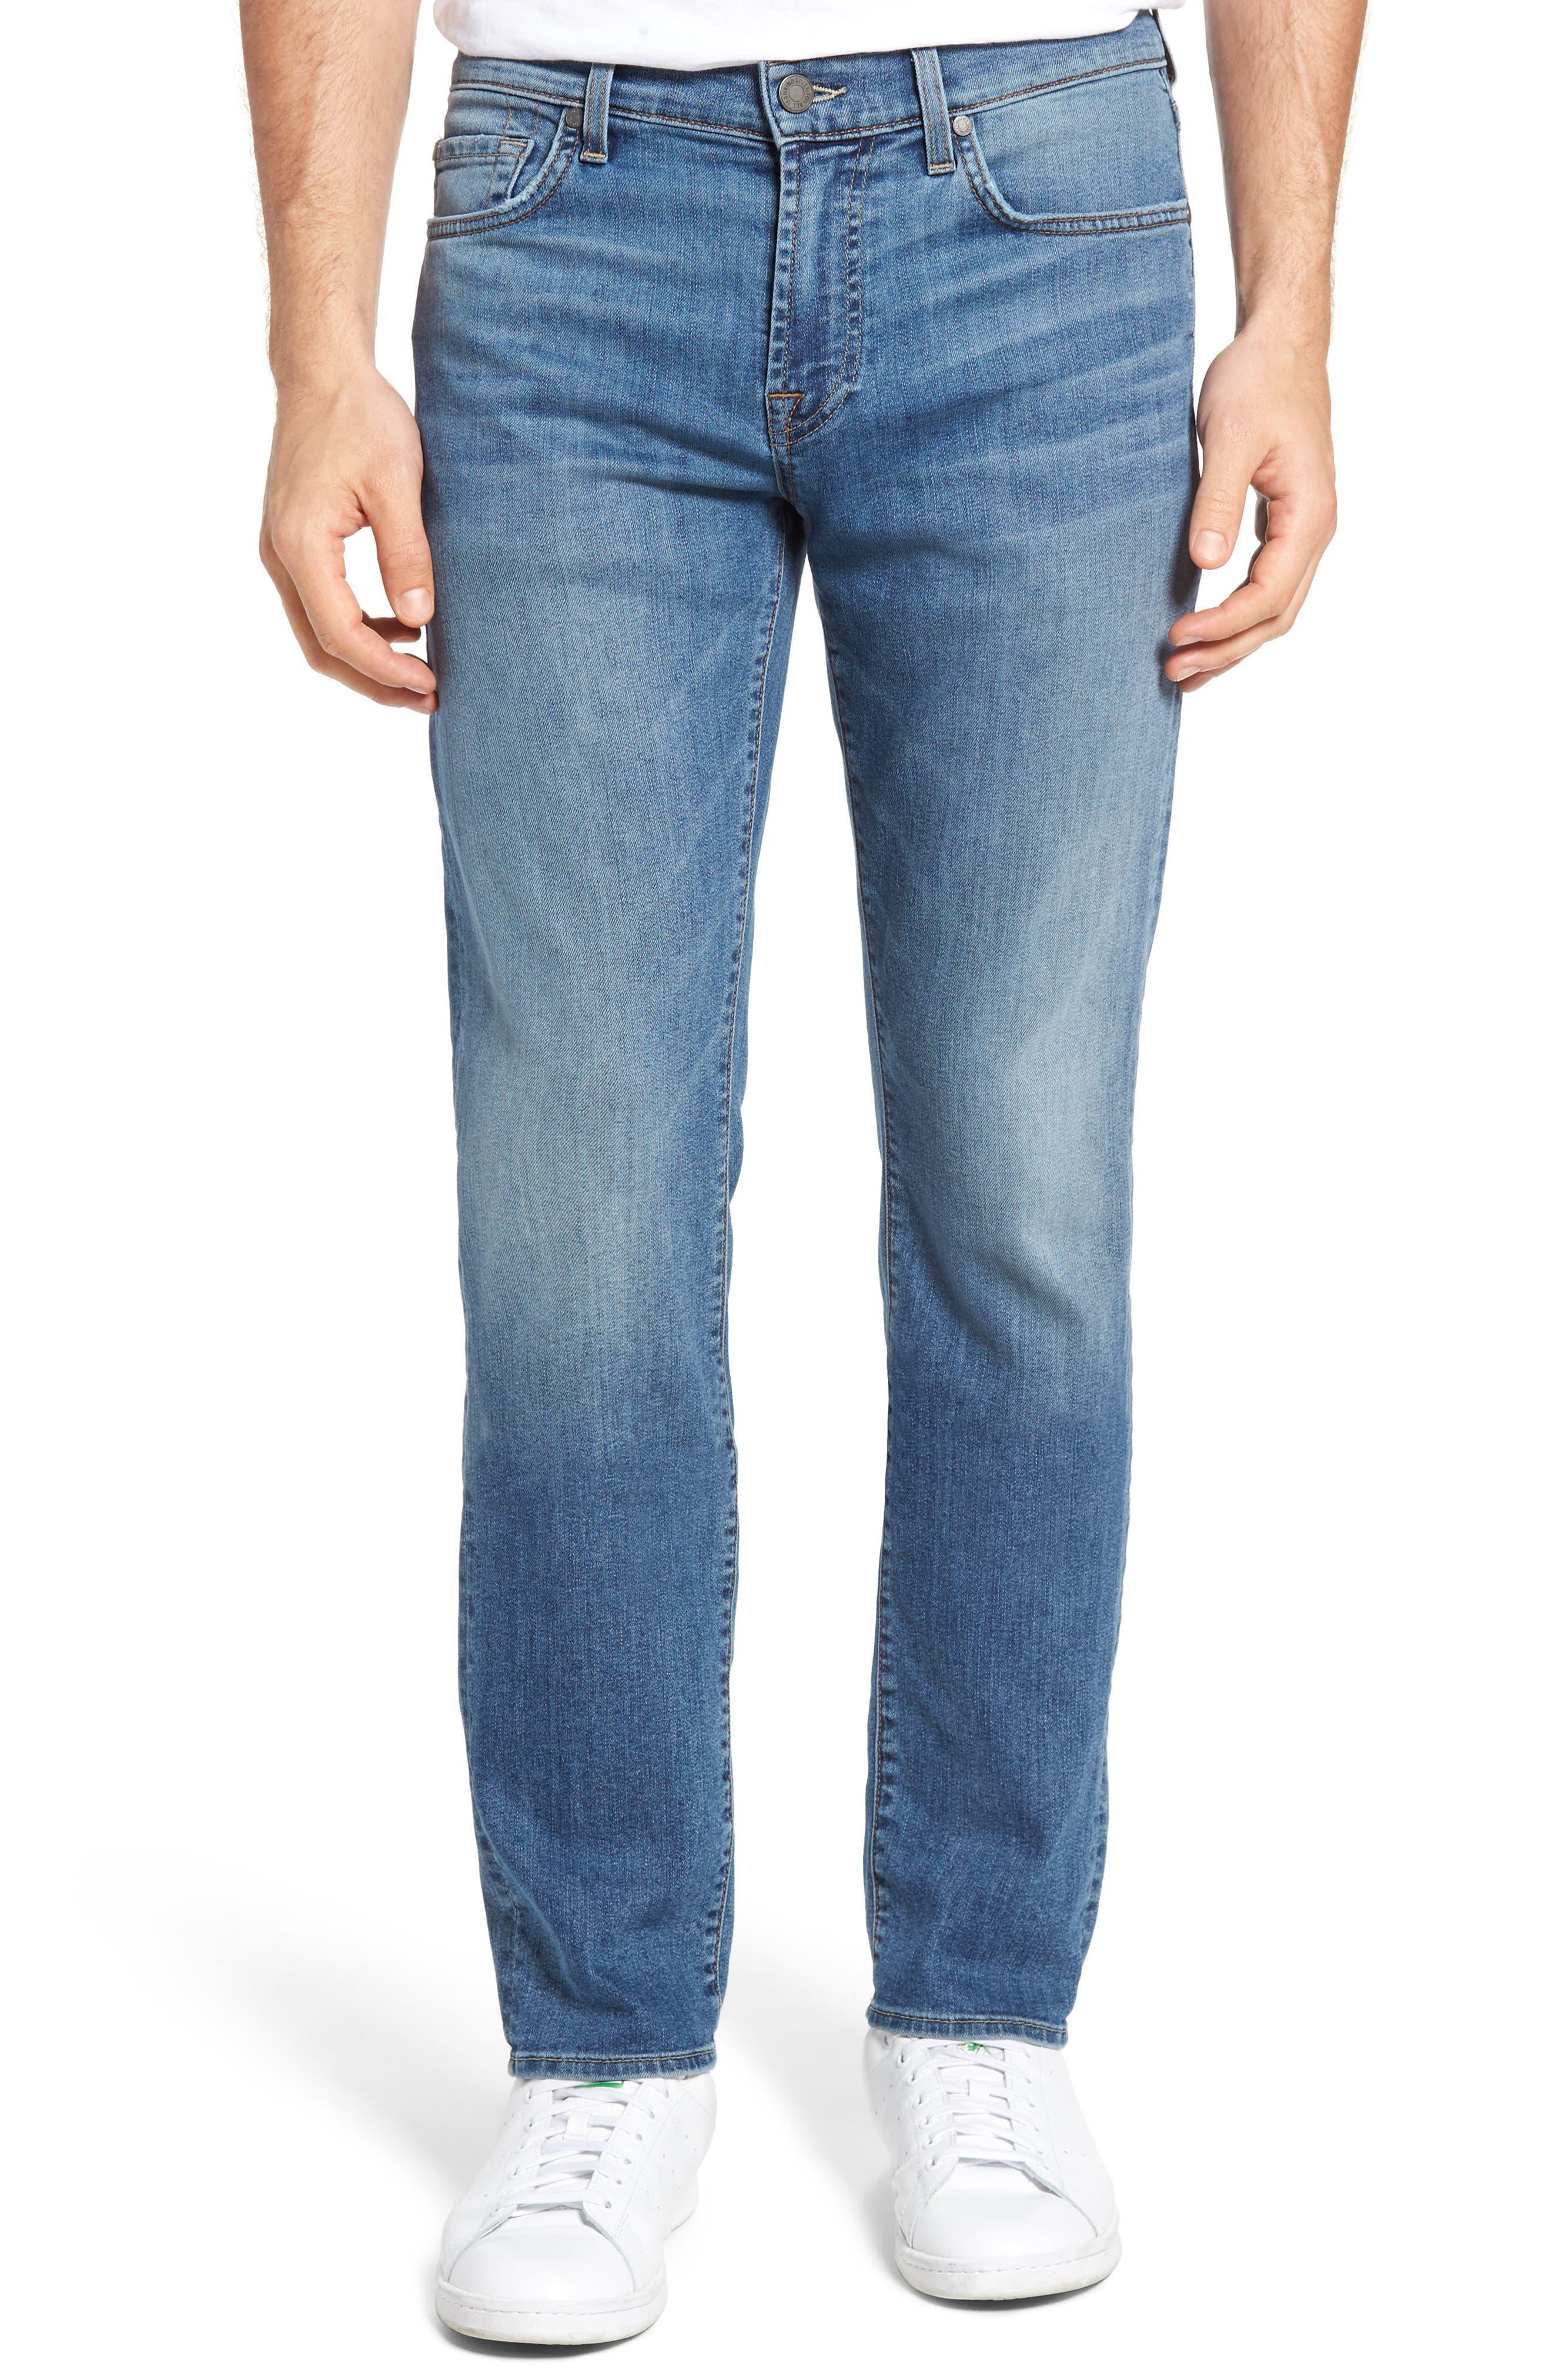 Slimmy Slim Fit Jeans,                             Main thumbnail 1, color,                             405